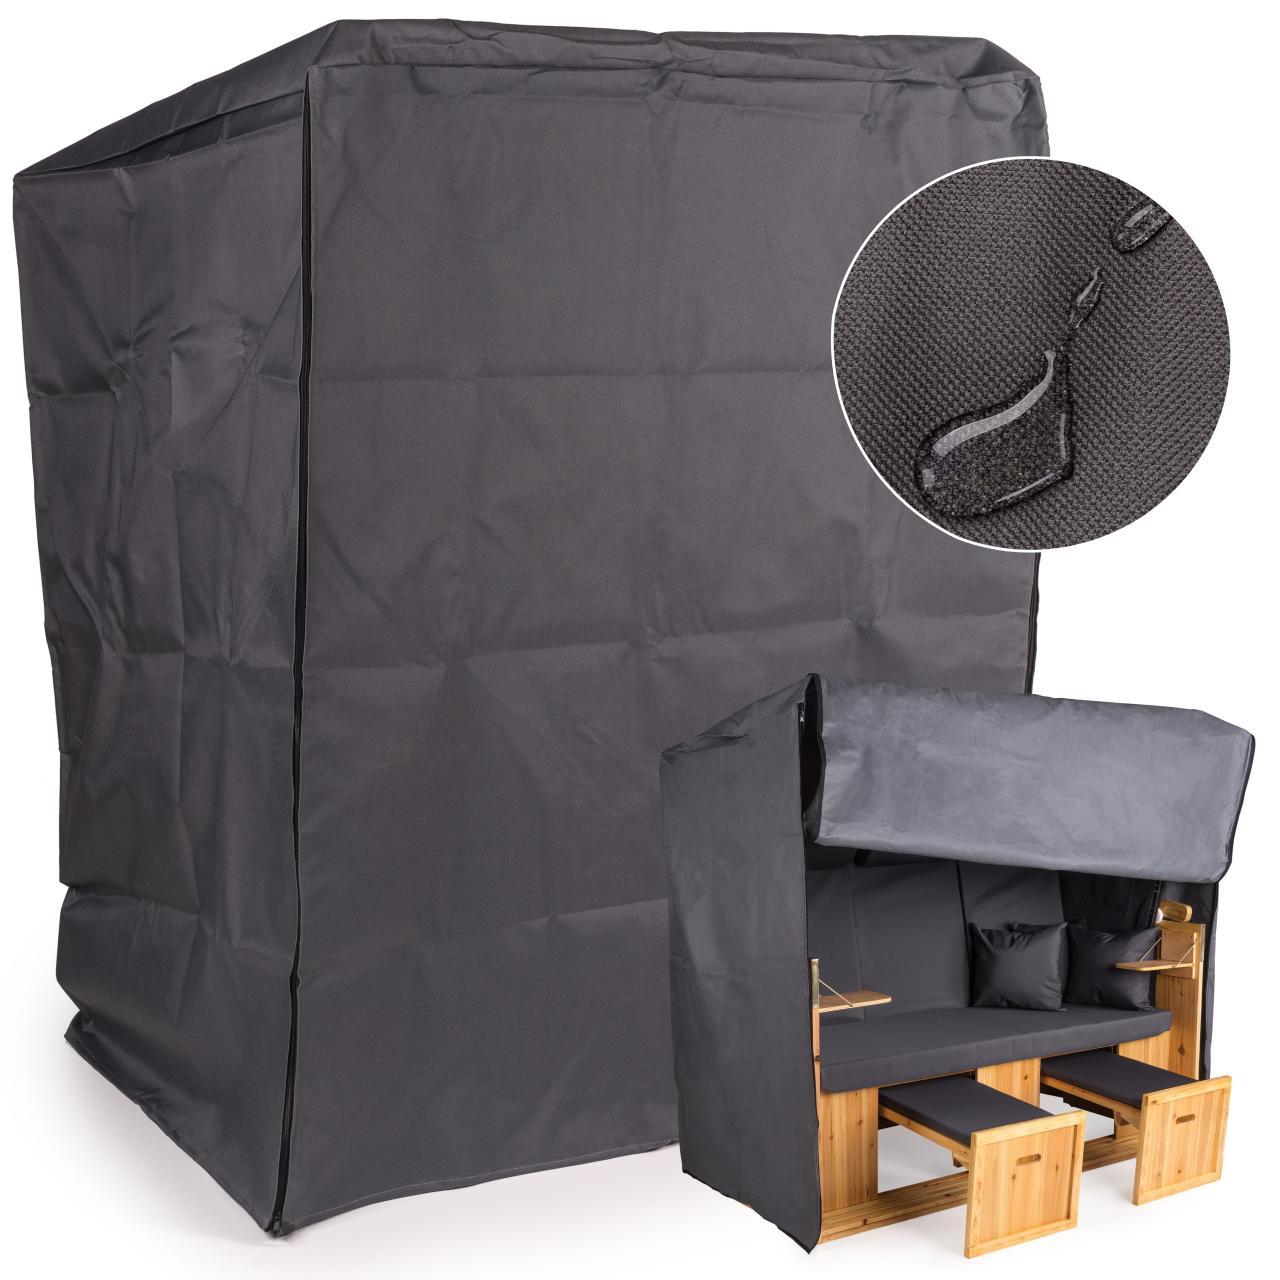 schutzh lle f r strandkorb regenabdeckung abdeckplane regenschutz abdeckhaube. Black Bedroom Furniture Sets. Home Design Ideas